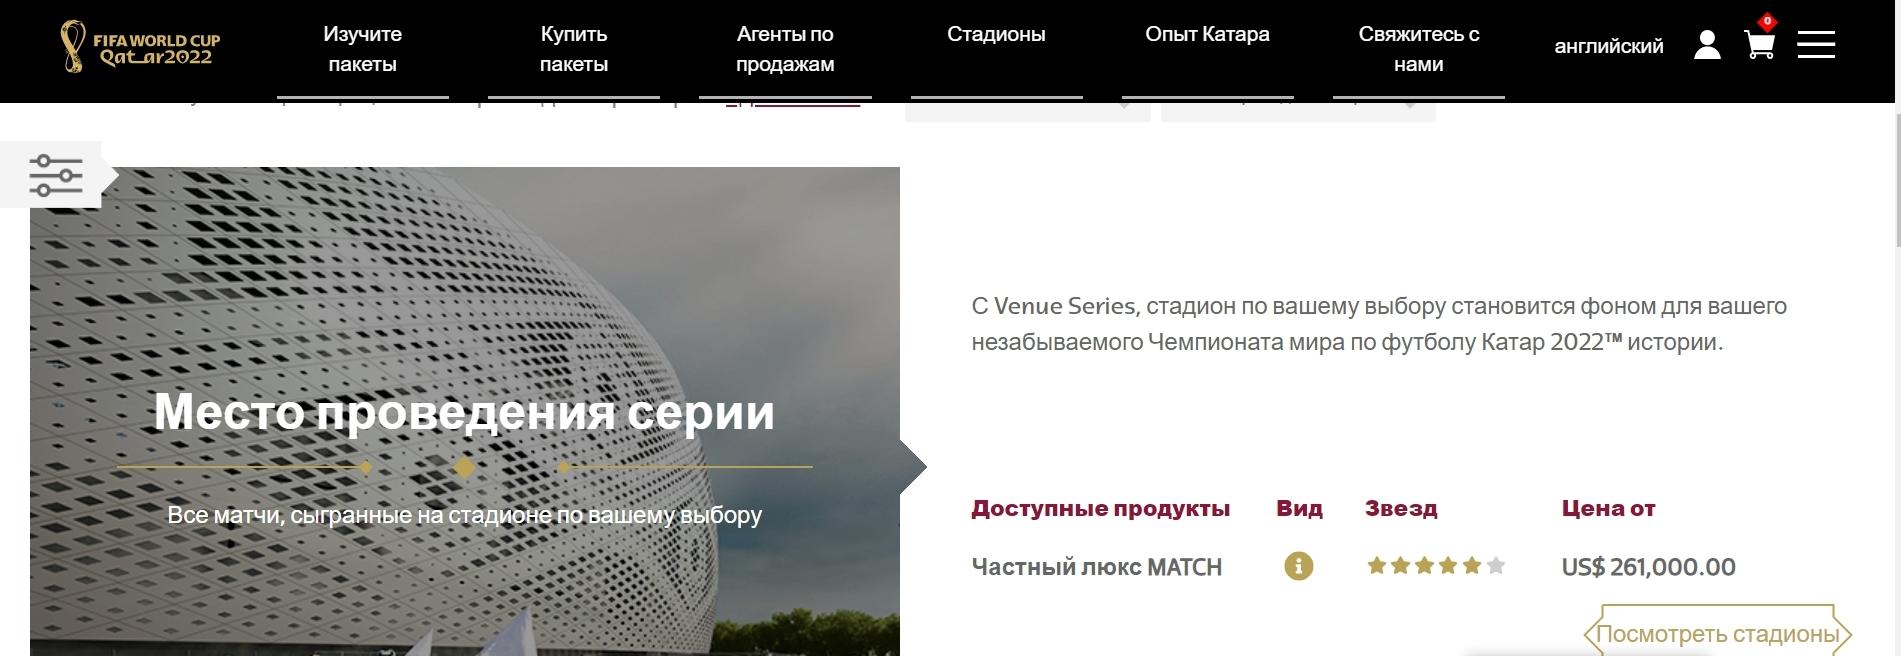 Стартовала продажа билетов на ЧМ-2022. Стоимость отдельных категорий достигает сотни тысяч долларов - изображение 1